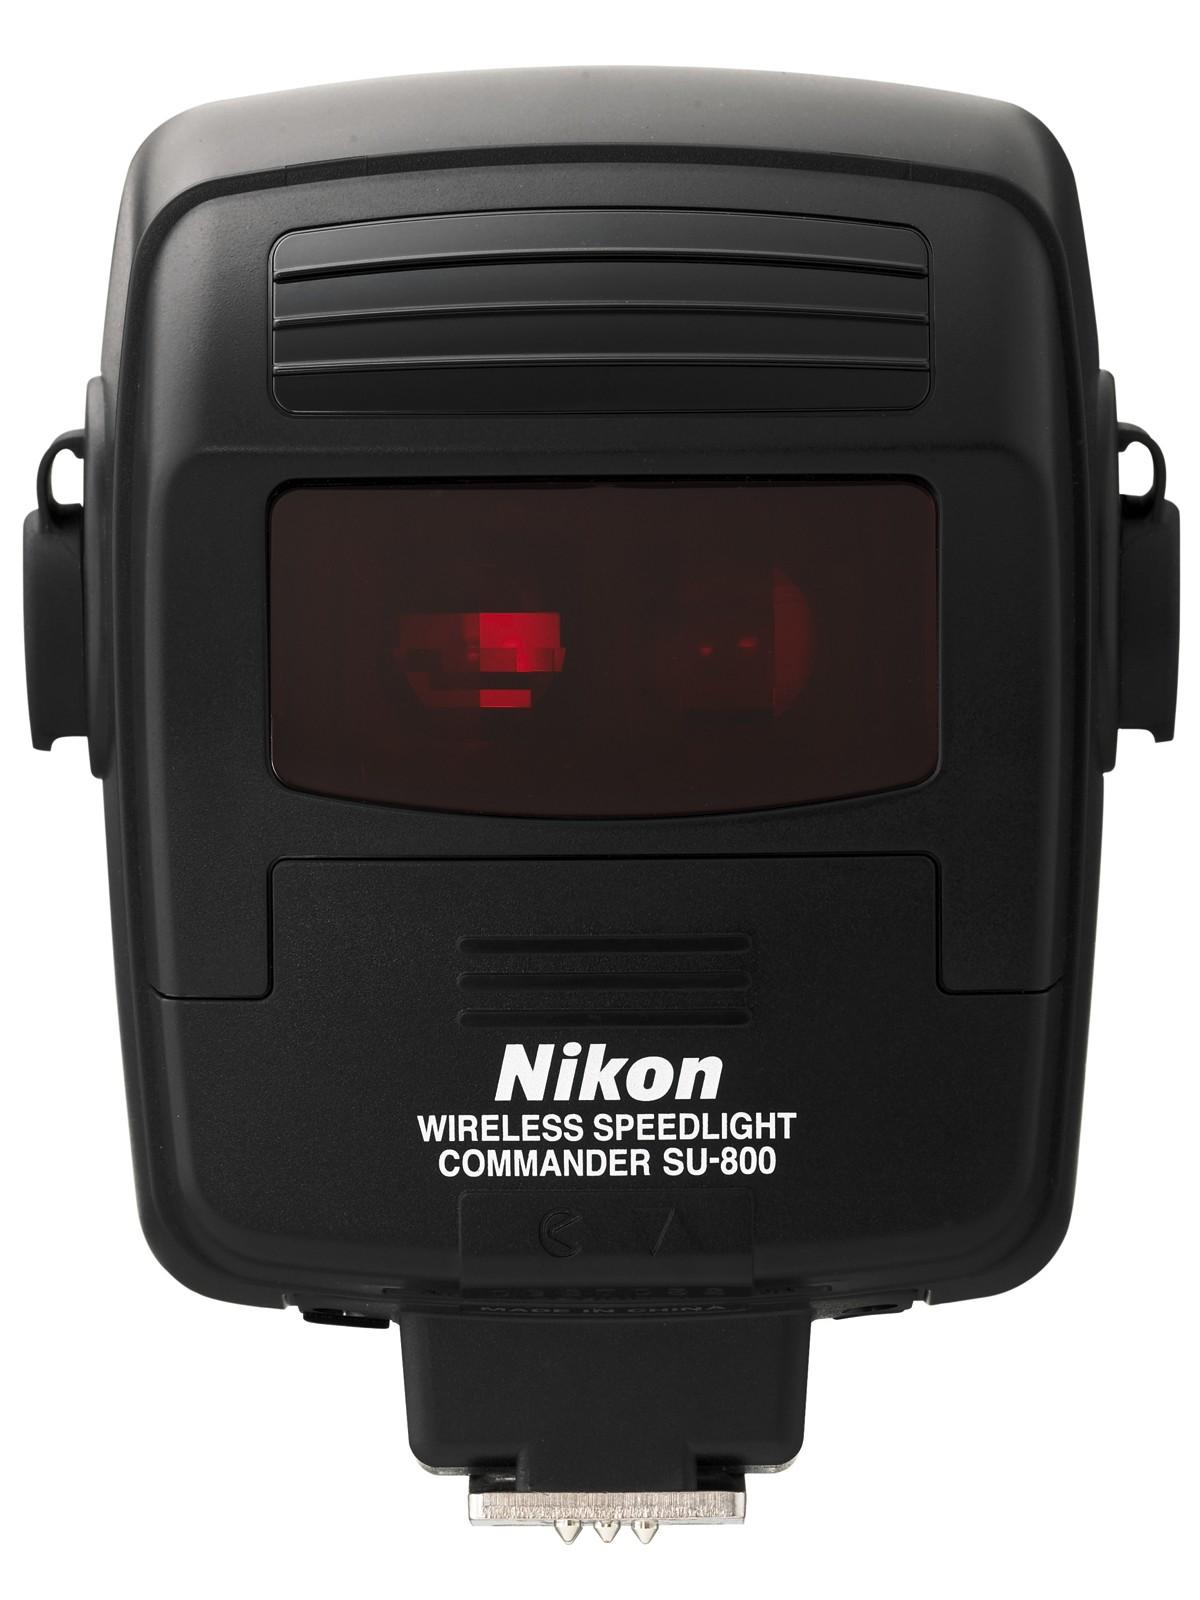 Nikon SU-800 Speedlite Commander